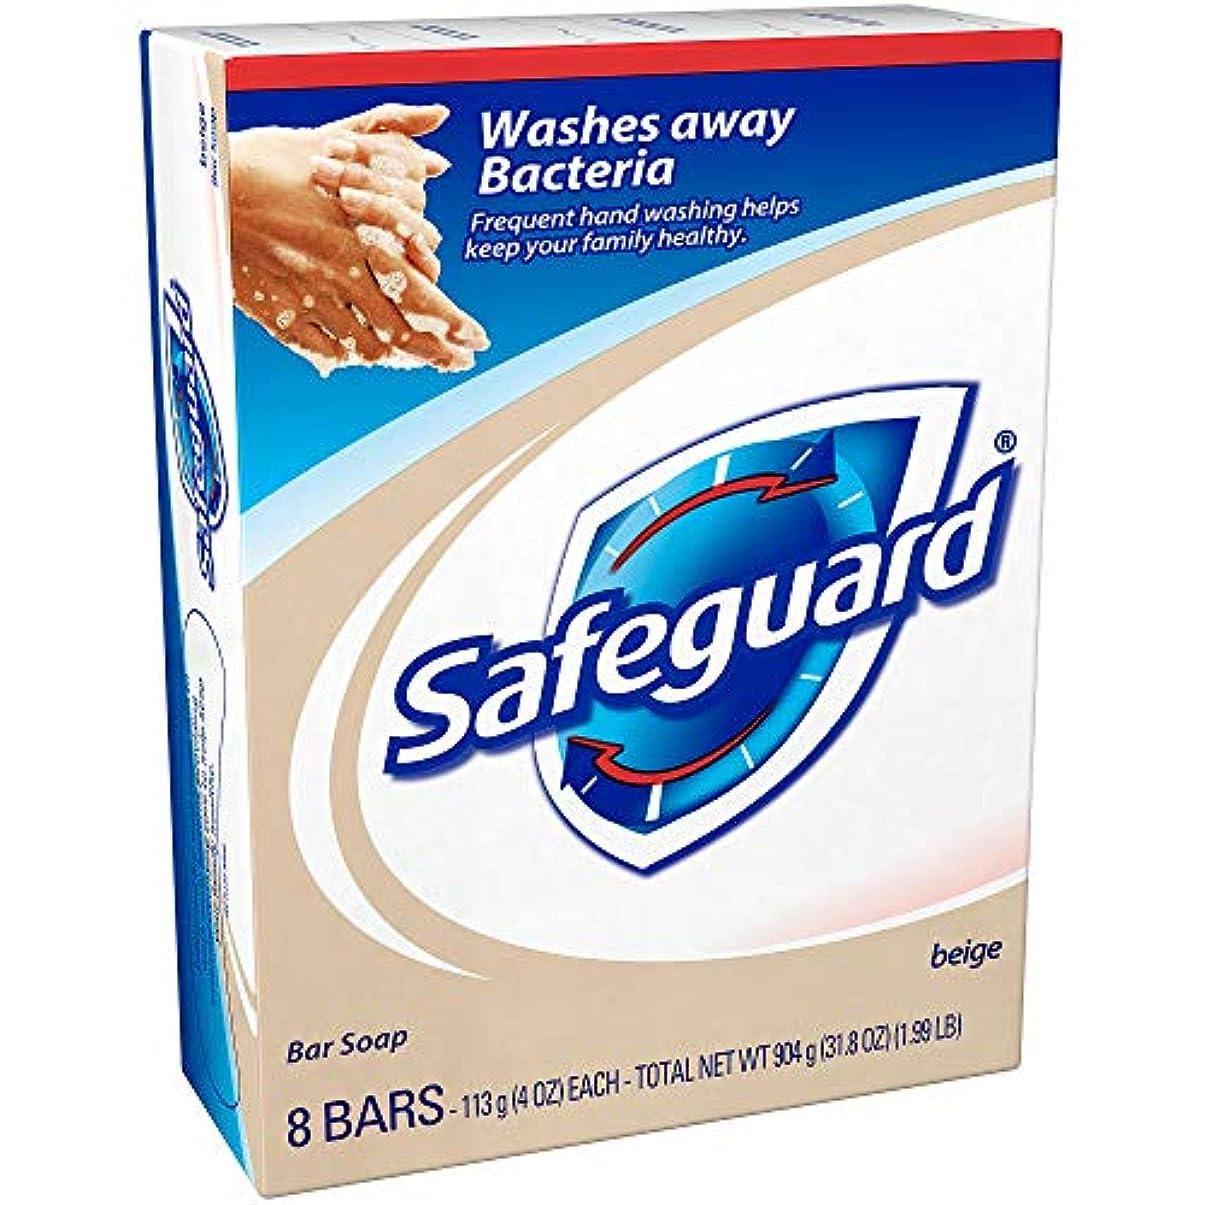 排出百科事典絶対にSafeguard 抗菌消臭石鹸、4つのオズバー、8 Eaは(4パック)